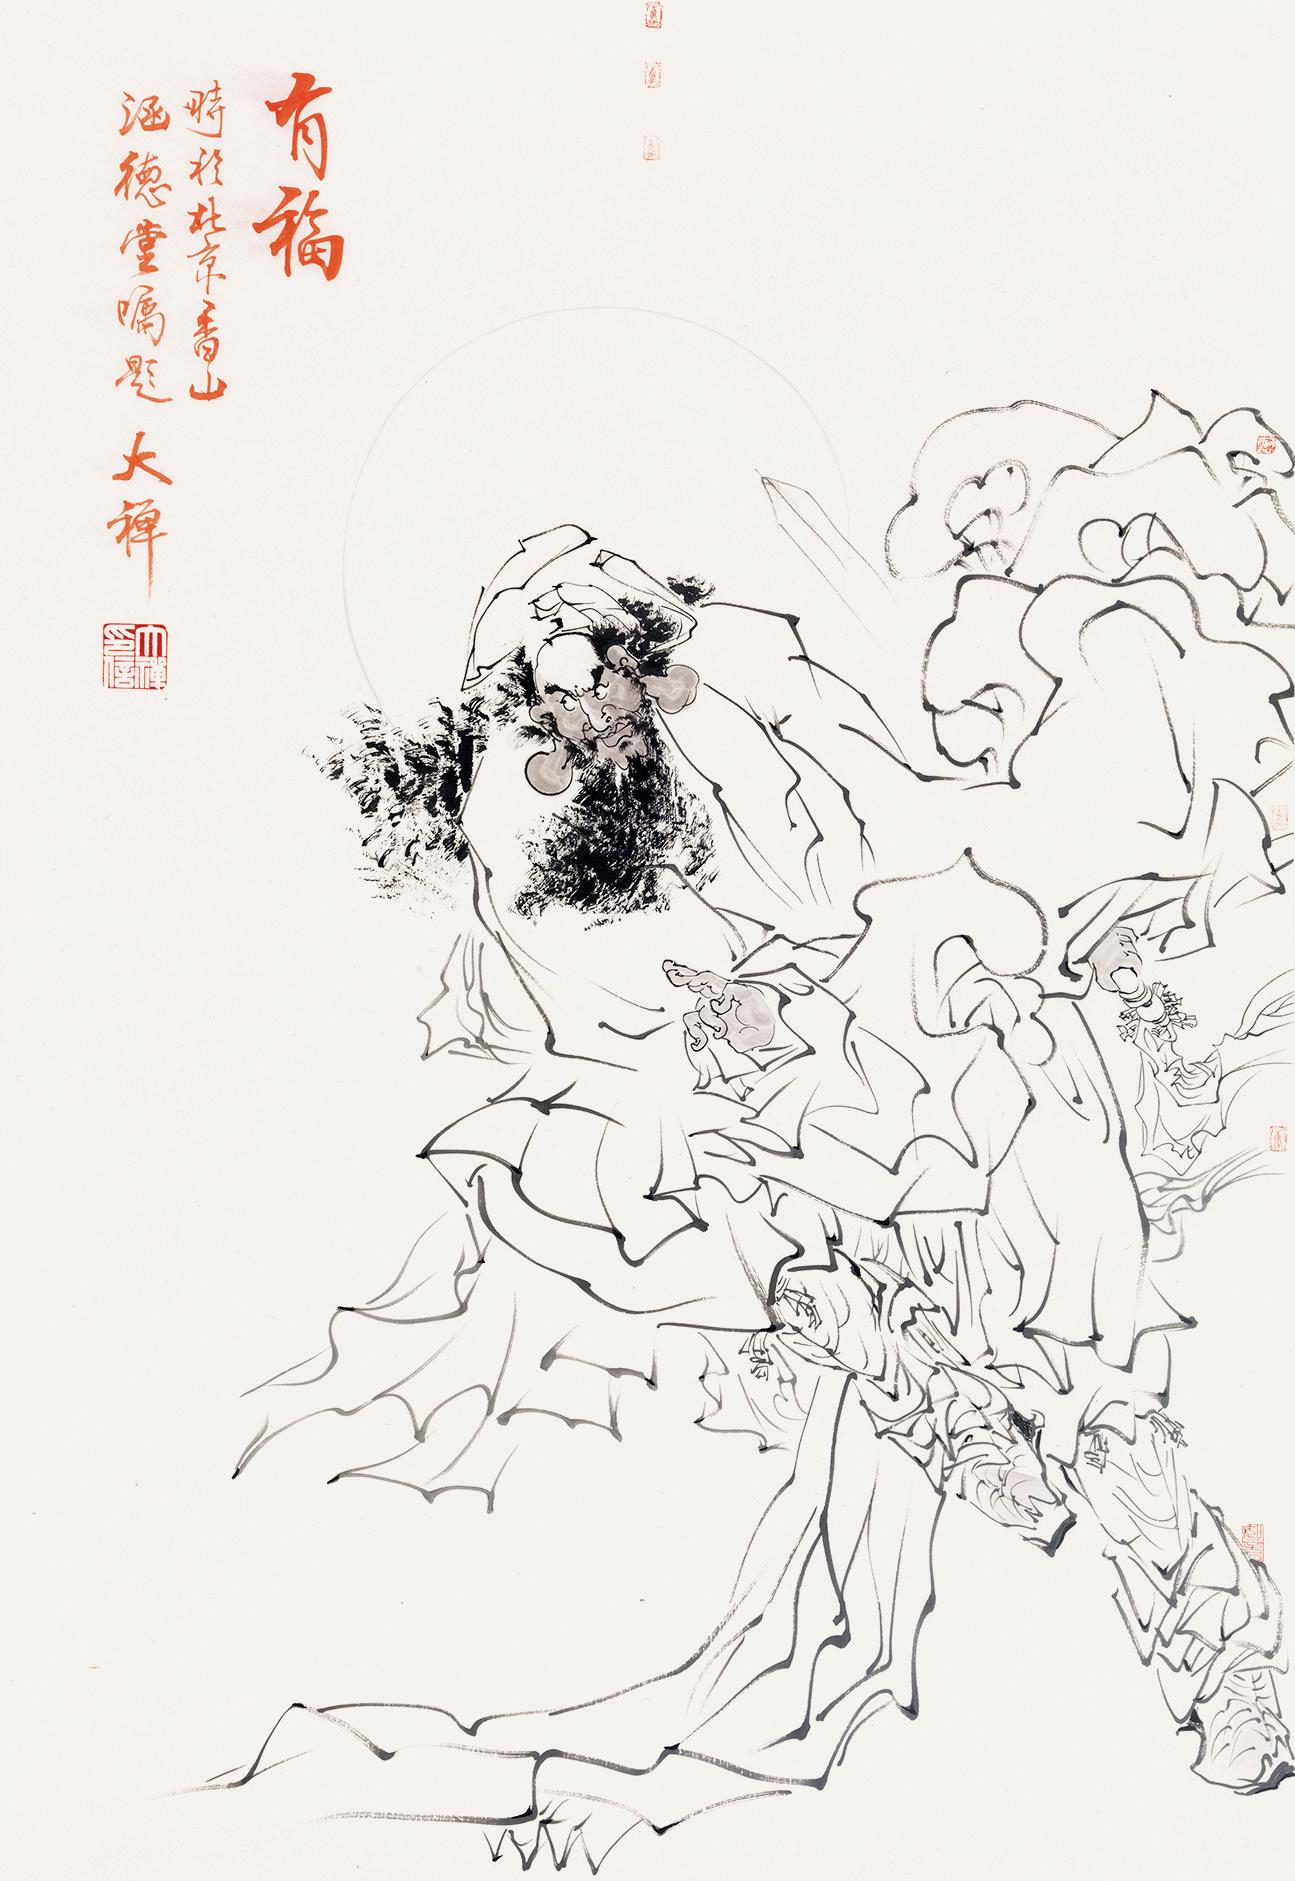 """《春夏秋冬》,大禅法师,2010年作,设色纸本,180×50cm×4 策展人贾方舟先生对大禅法师的作品理解独到,且推崇备至。他认为:禅师的艺术,""""诗书画印""""浑然一体,自然天成。文人笔墨与传统精神在他那里延续得顺畅而自然。究其原因,不外他作为禅师的生存方式和普心觉性的文化状态。 著名评论家刘骁纯先生称赞大禅法师画中内藏禅意,主要还不是说的象征和隐喻,而是说的另外两点:一个方面,笔墨简率超逸而出尘,另一个方面则在画面意境。前一方面水墨画更突出些,后一方面彩墨画"""